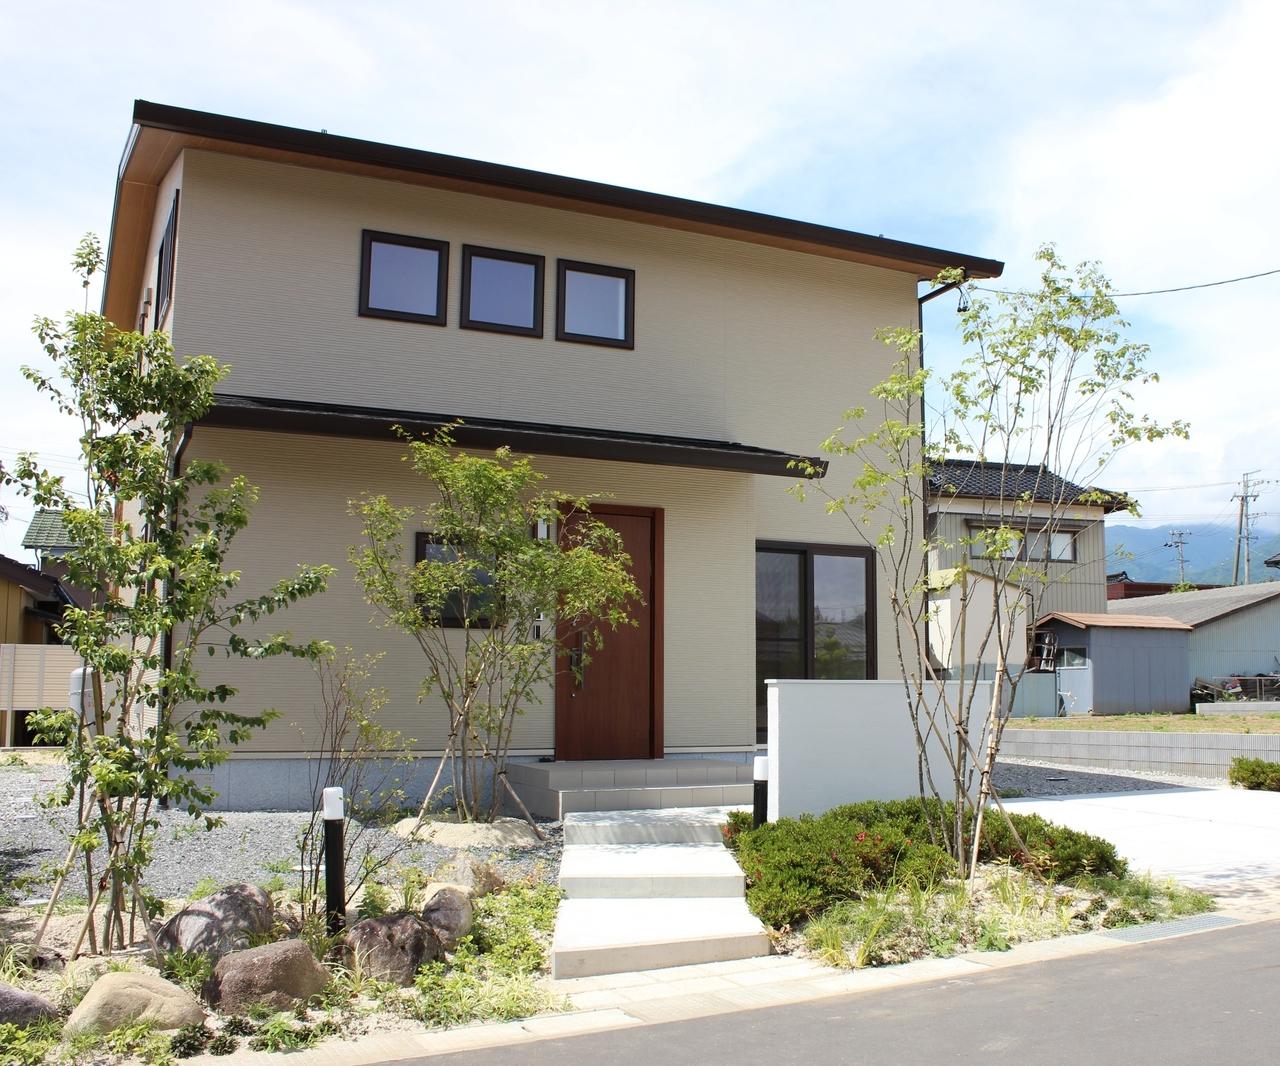 【コモンガーデン赤須東】建売住宅見学のご予約はこちらから